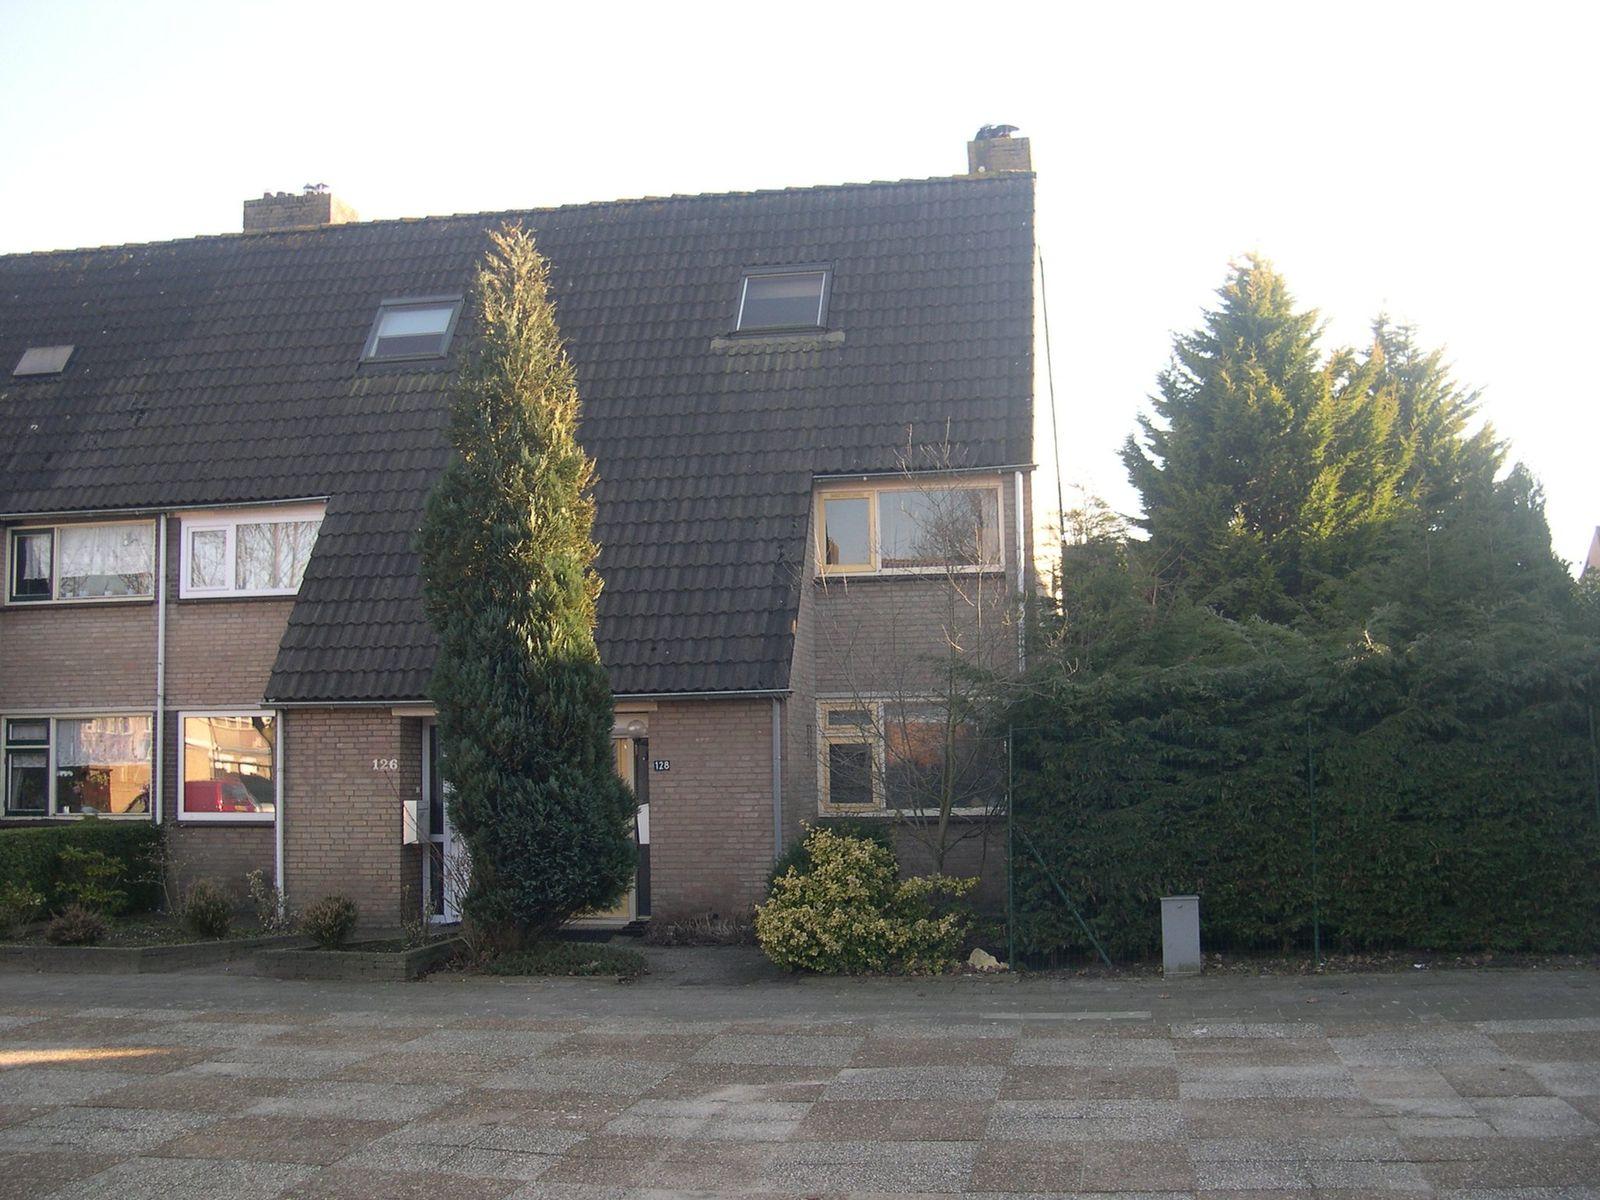 Spuilaan 128, Oudenbosch